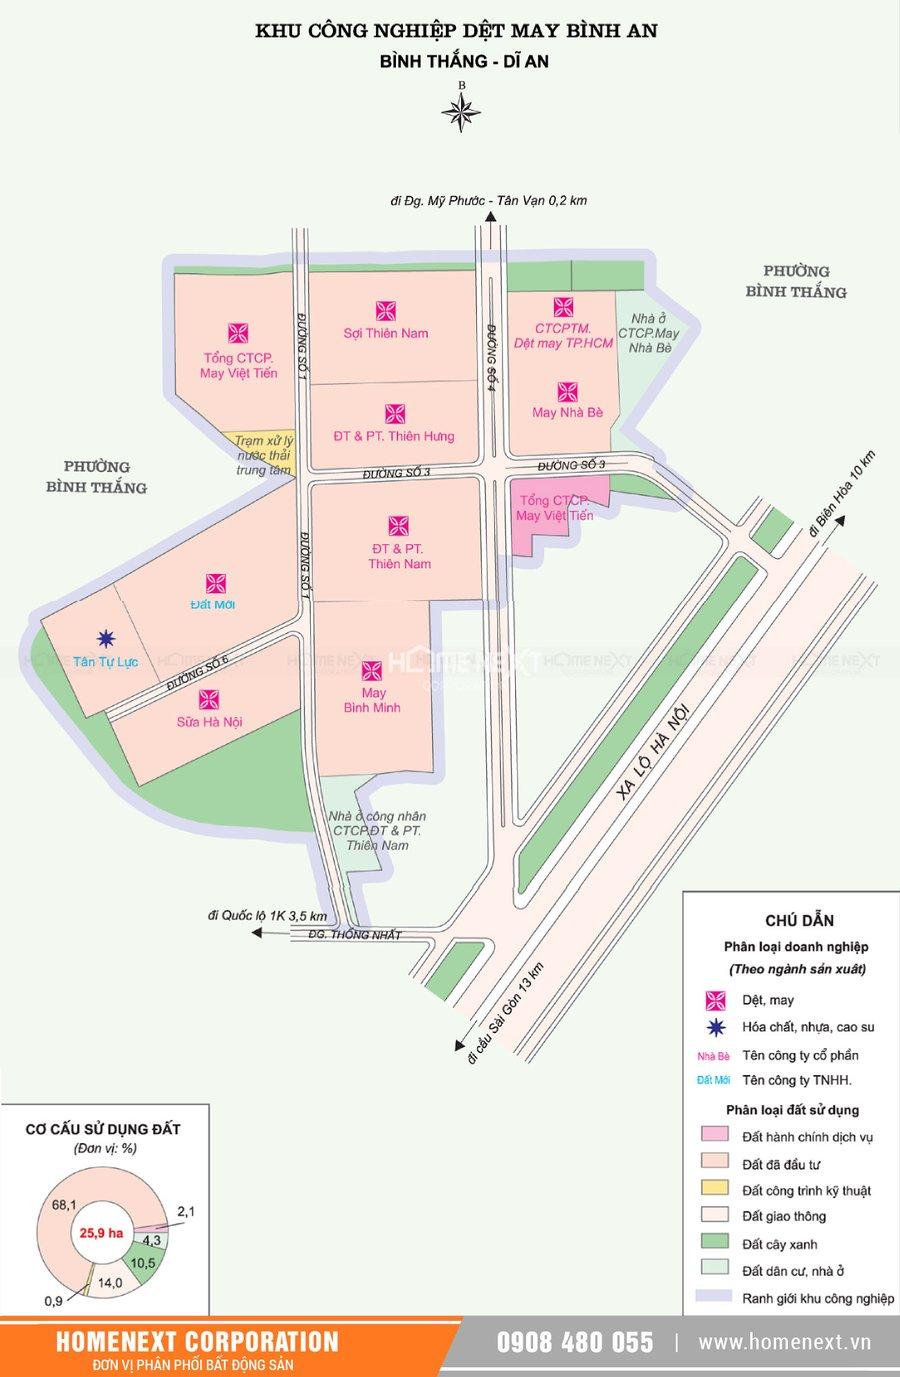 Bản đồ khu công nghiệp dệt may Bình An. Nhấp vào ảnh xem đầy đủ kích thước